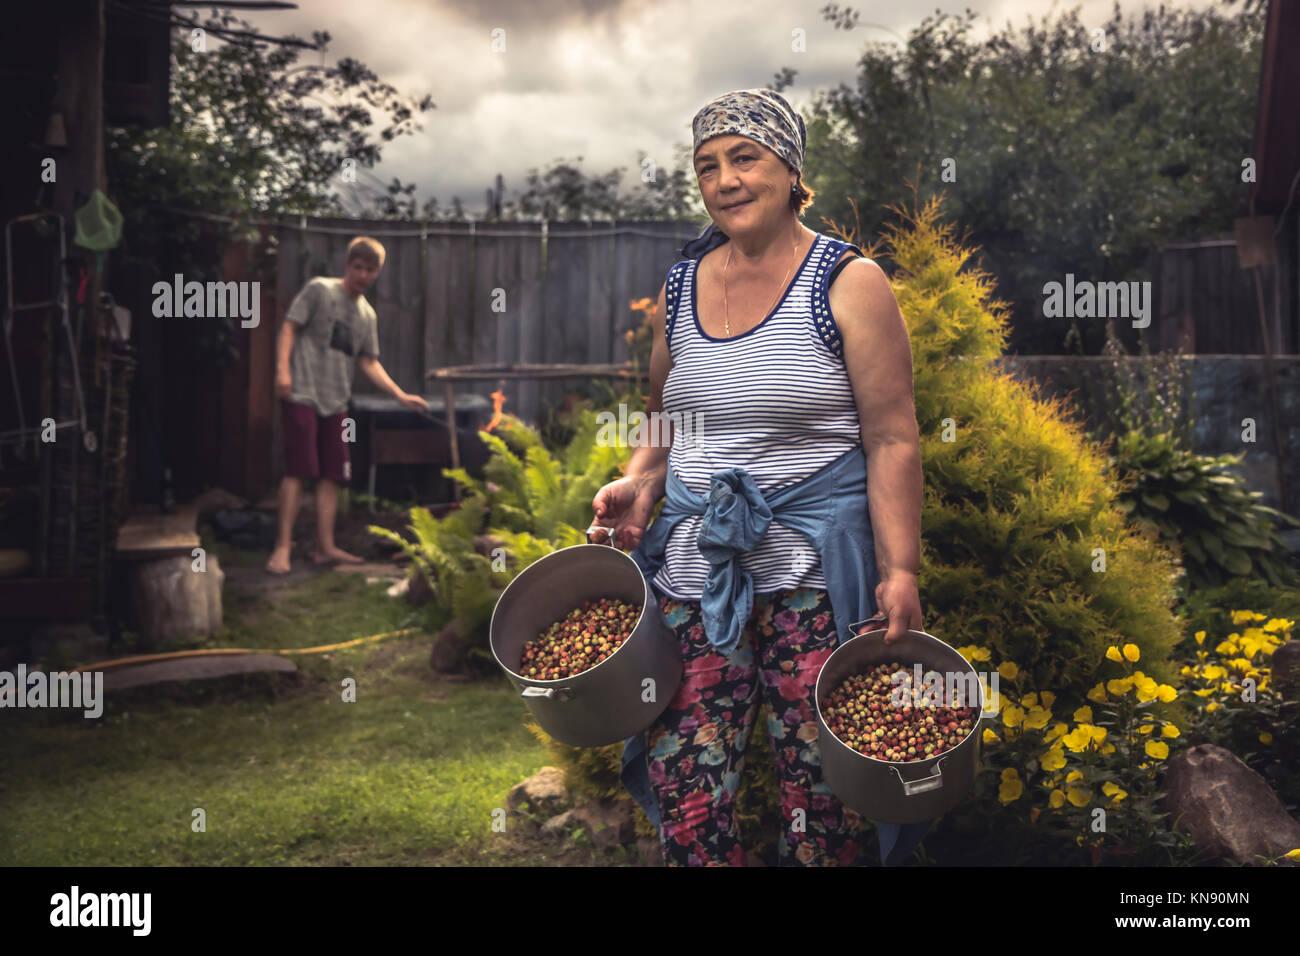 Alegre altos de la mujer campesina en el jardín con la cosecha de fresas maduras durante el verano temporada de Foto de stock